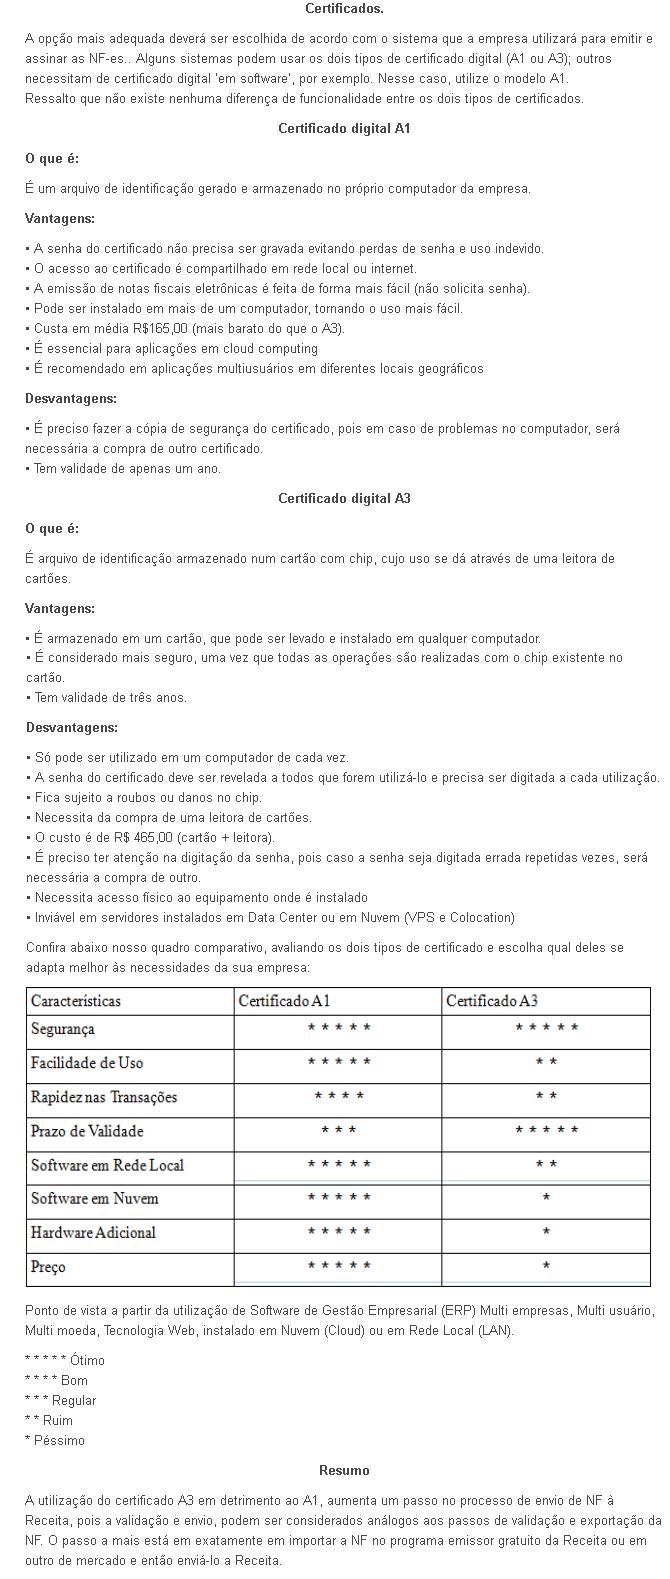 certificado digital A1 recomendável